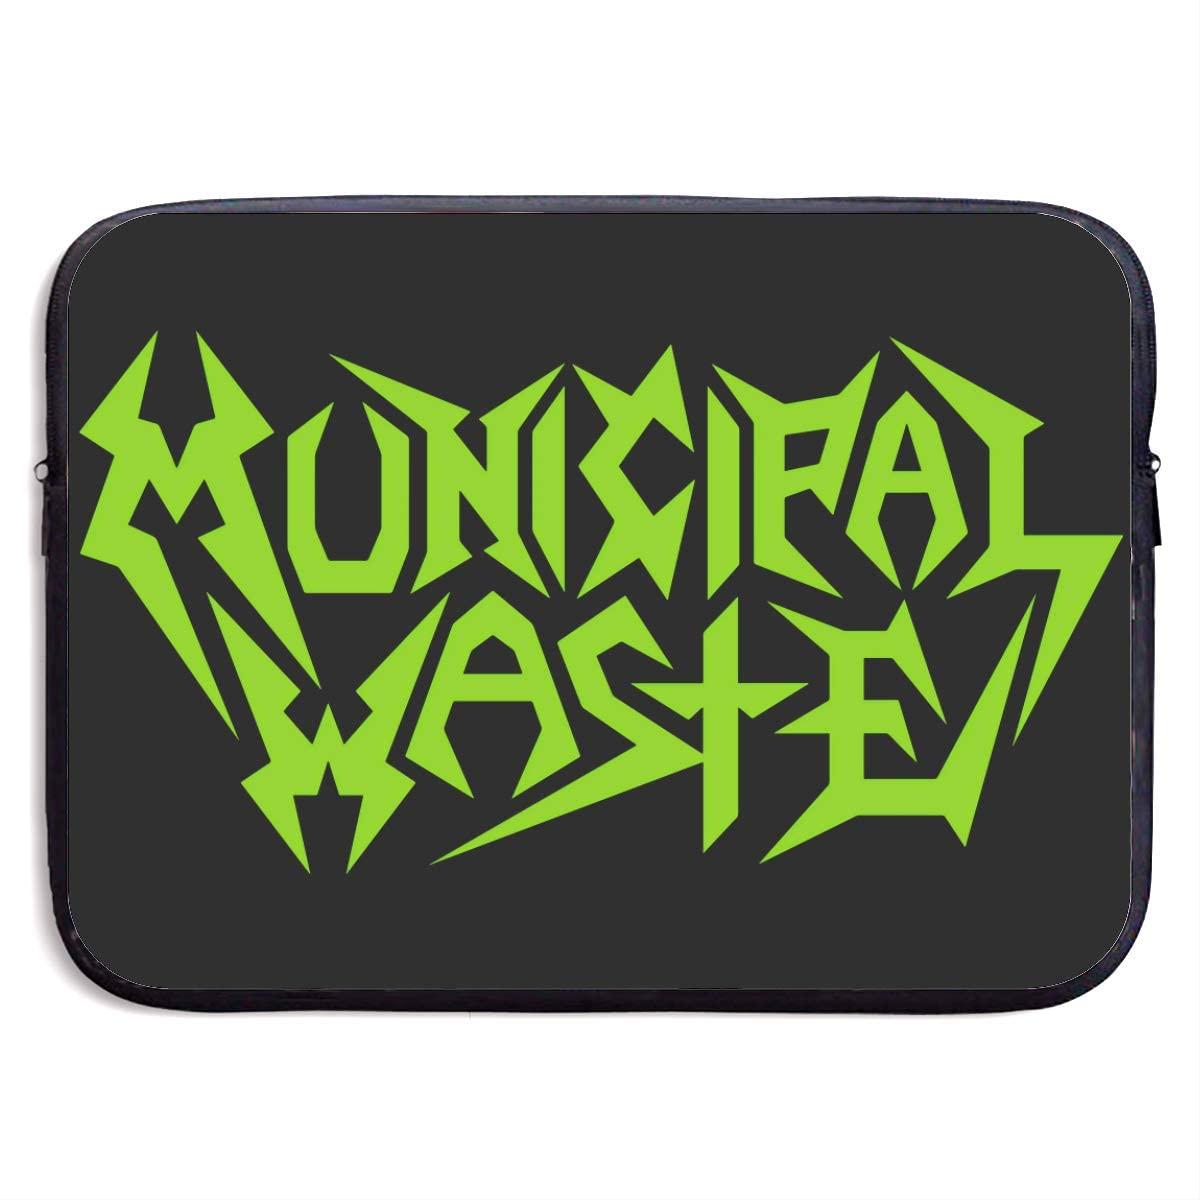 Municipal Waste Laptop Bag, Laptop Case, Briefcase Messenger Shoulder Bag for Men Women